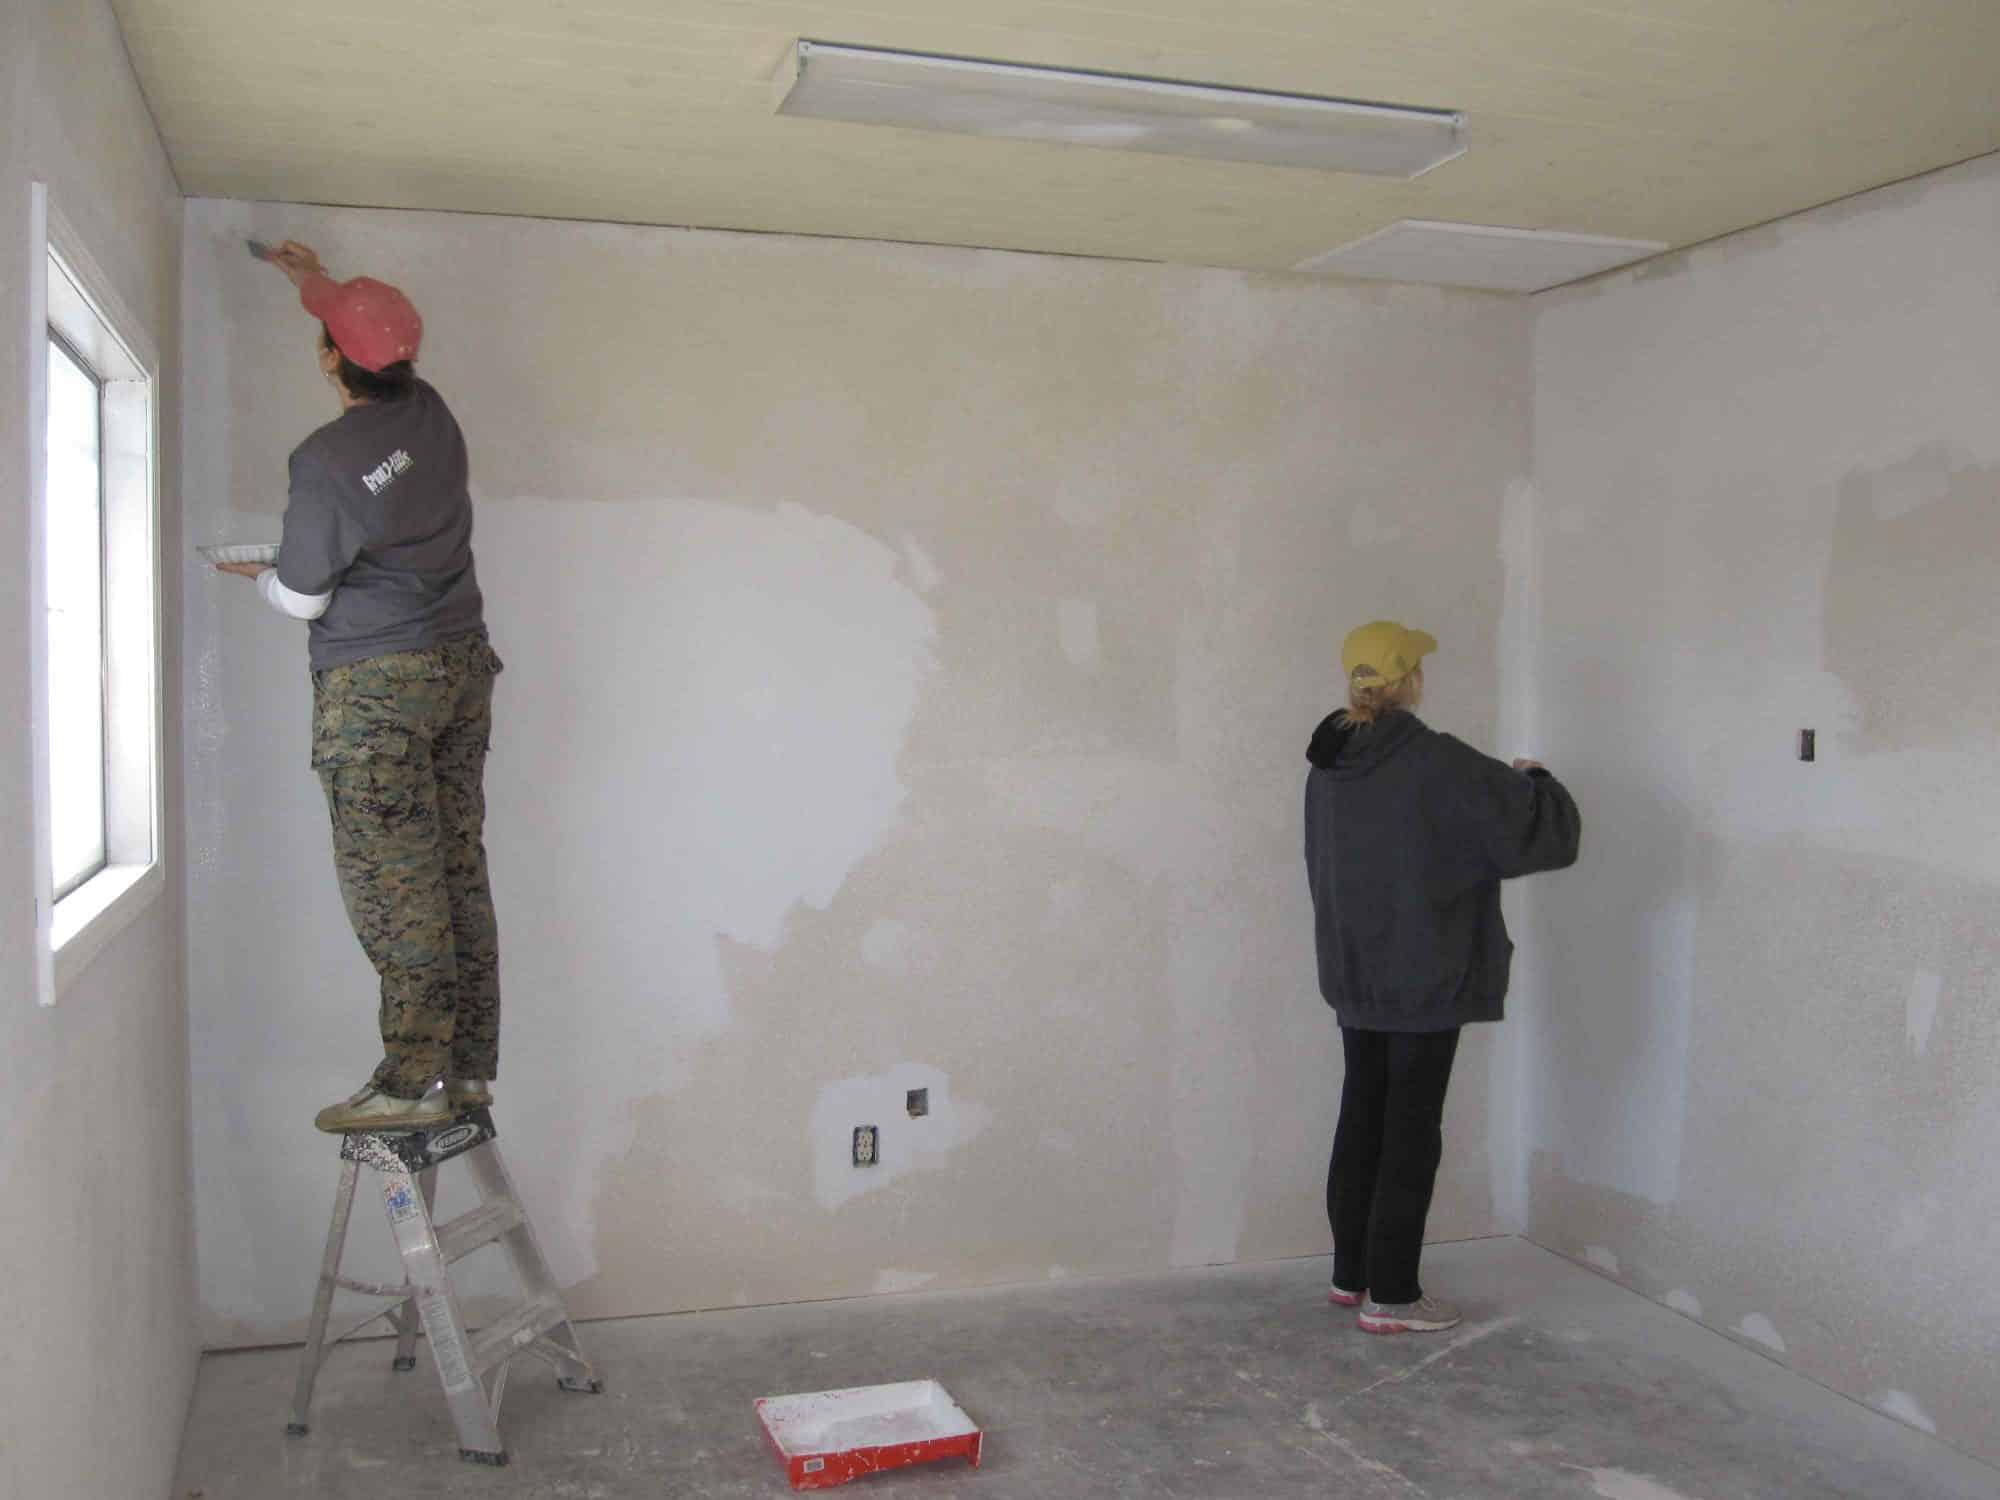 Борьба с запахом краски во время ремонта | Как избавиться от запаха краски в квартире